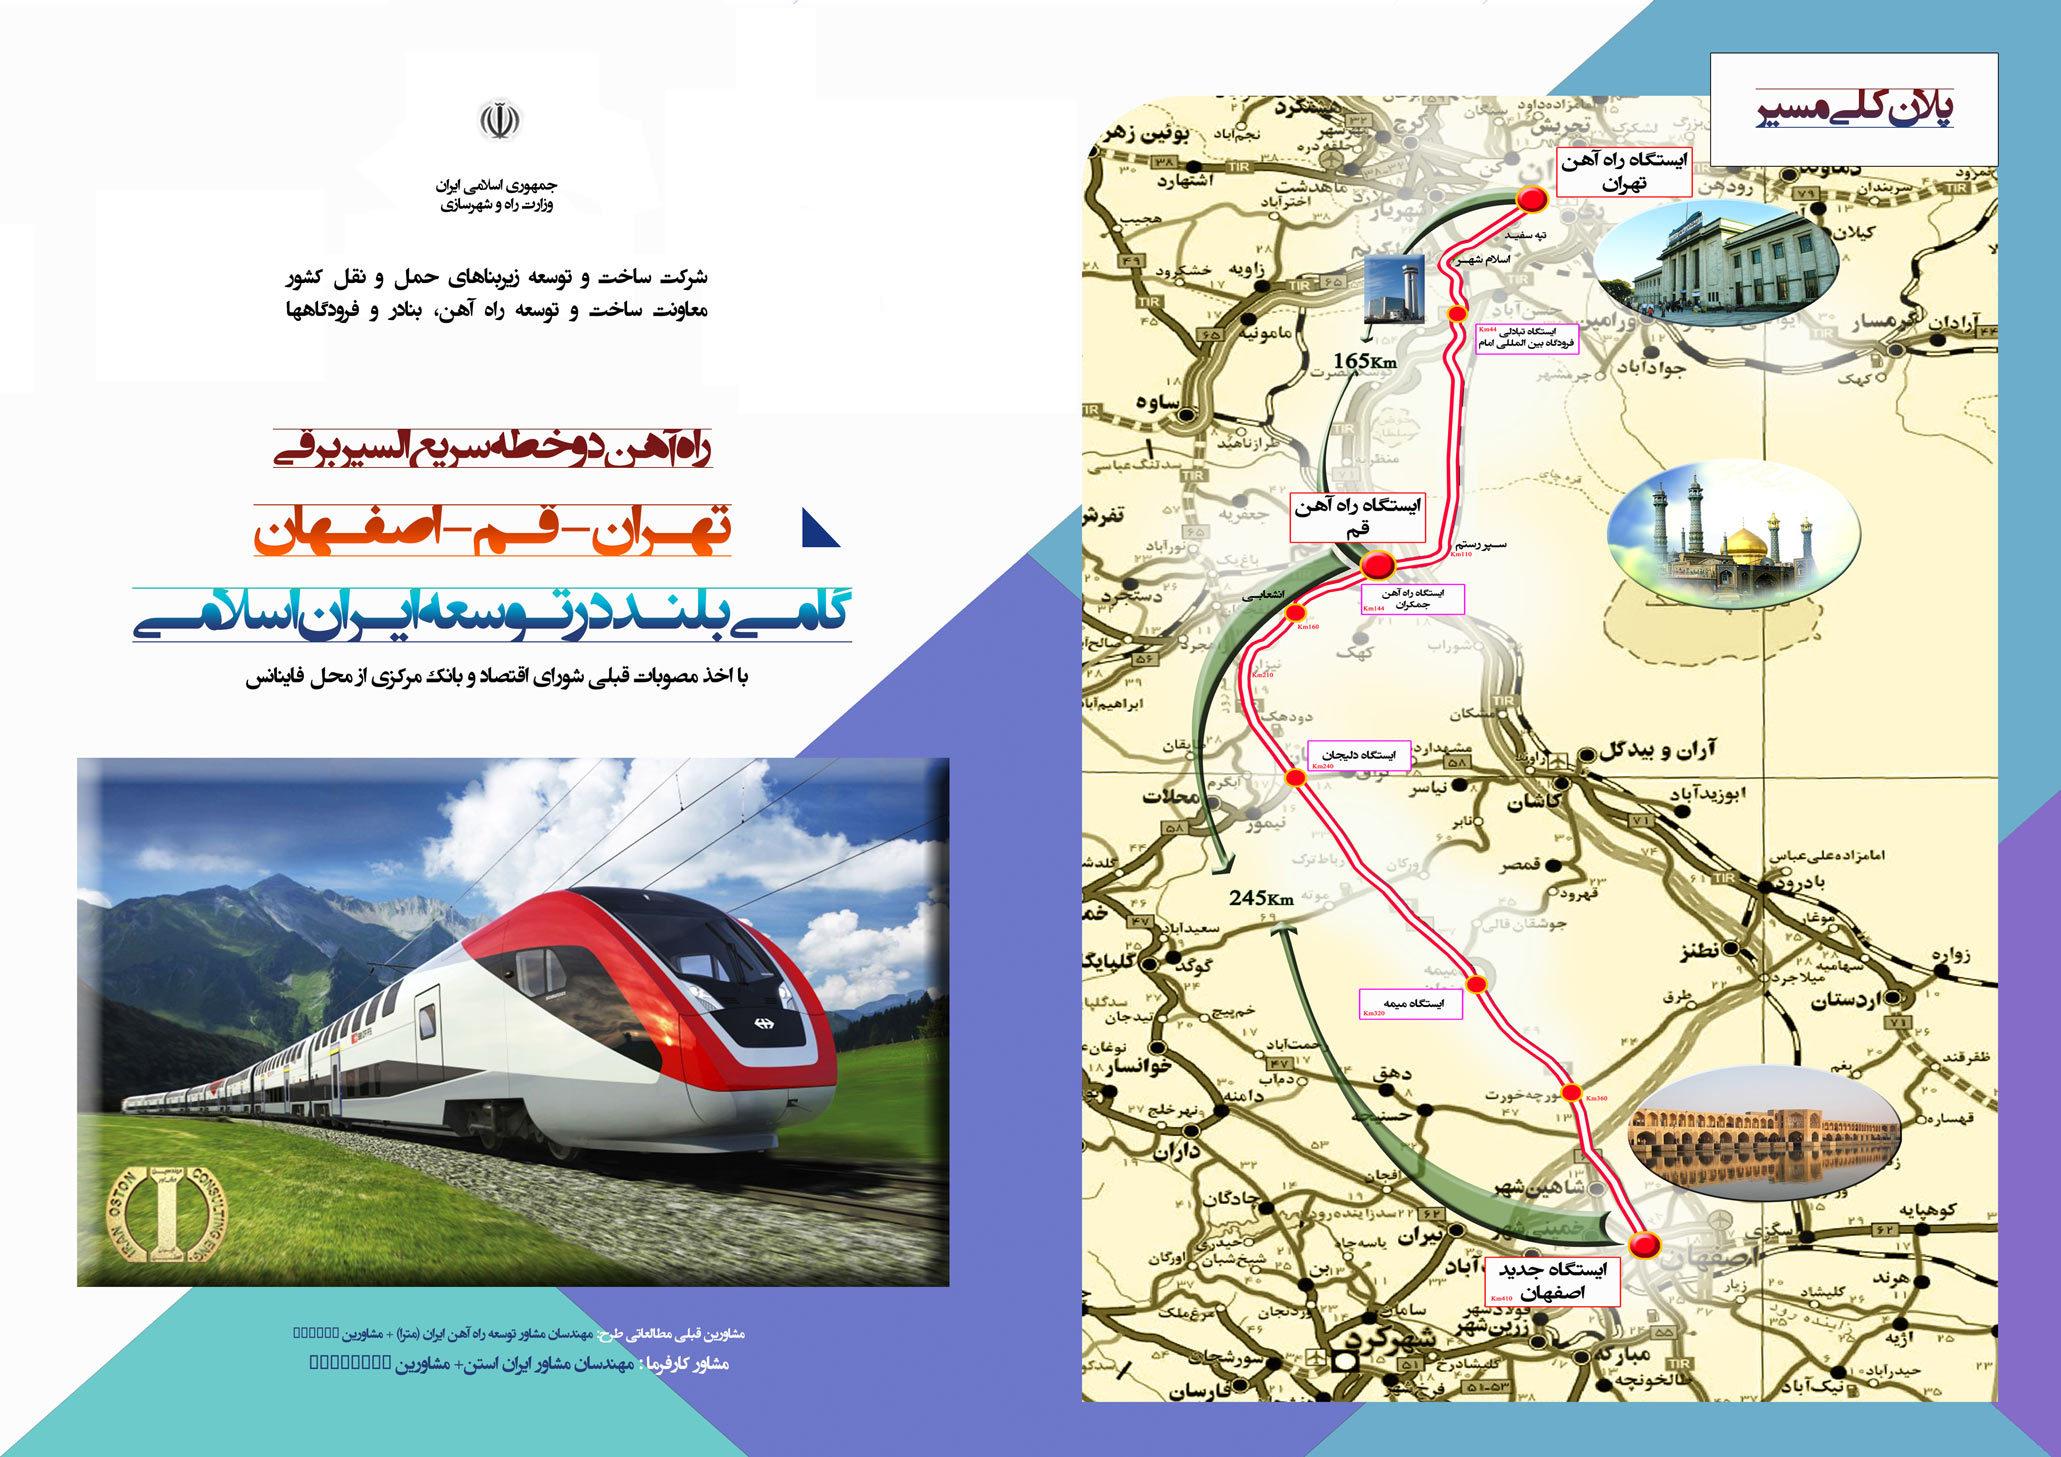 احداث نخستین و بزرگترین قطار سریع السیر کشور روی ریل امید